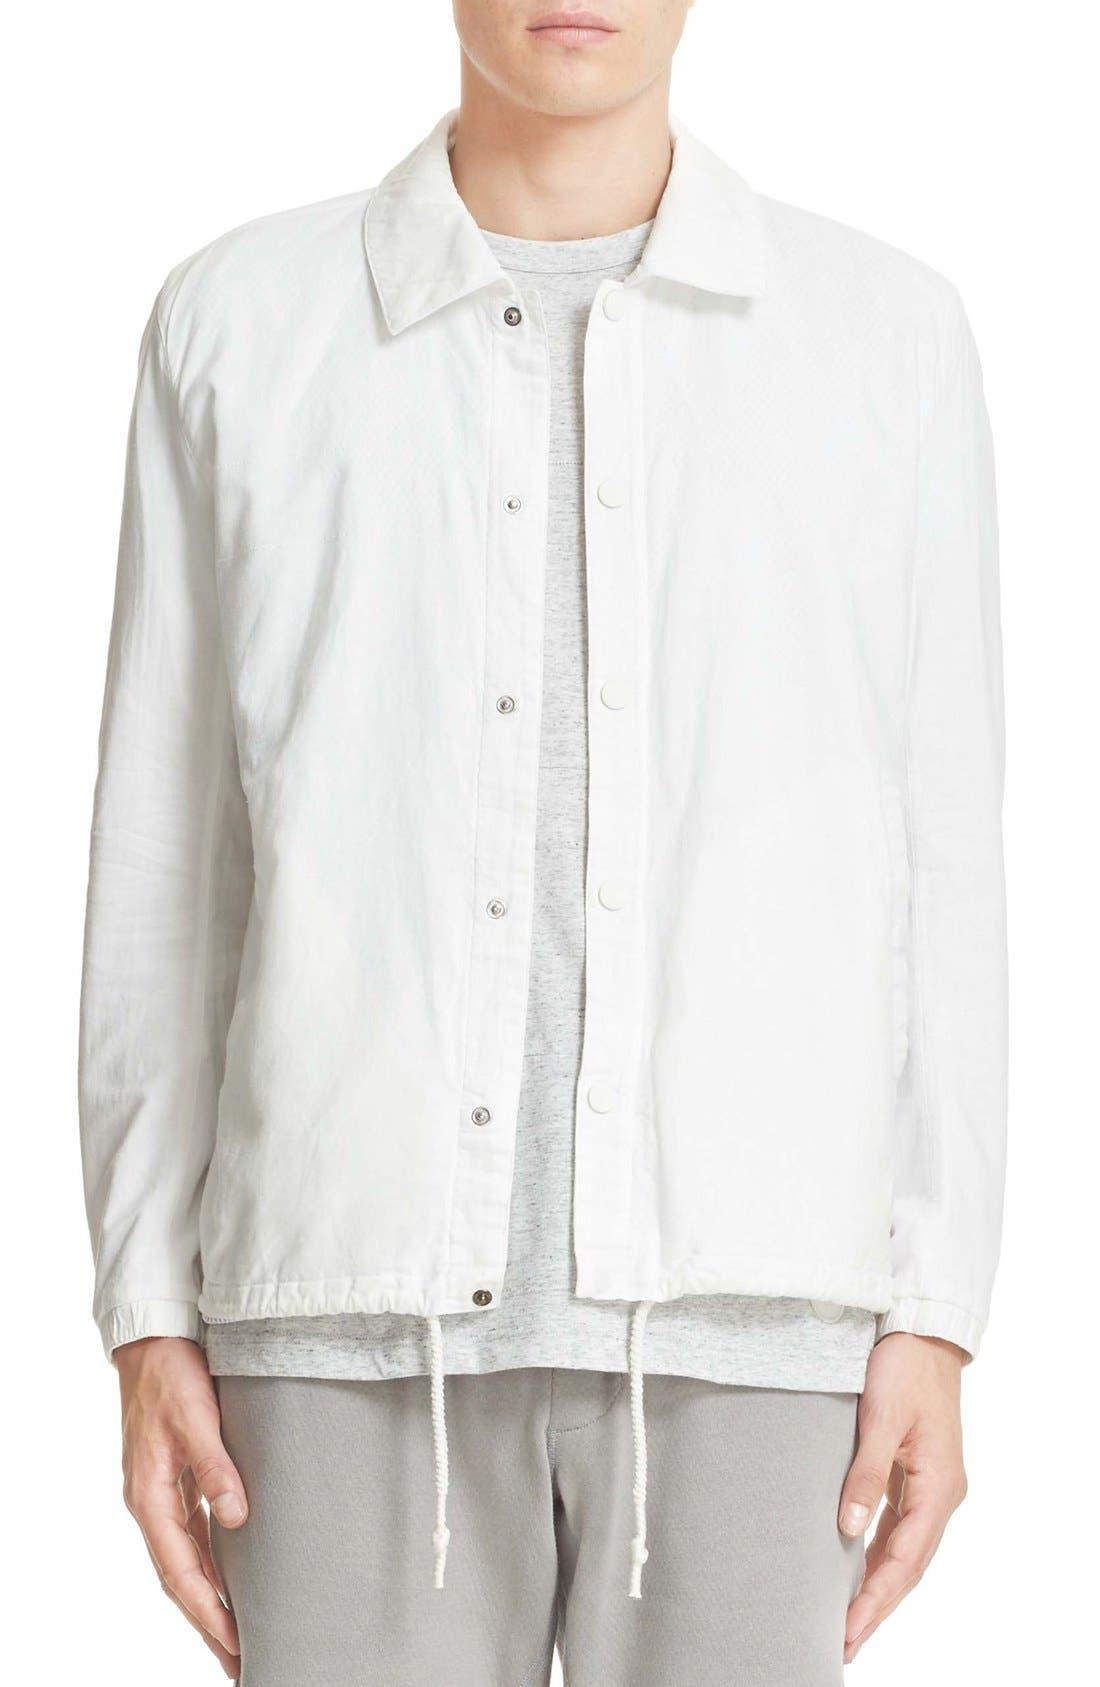 Cotton & Linen Coach Jacket,                         Main,                         color, 100